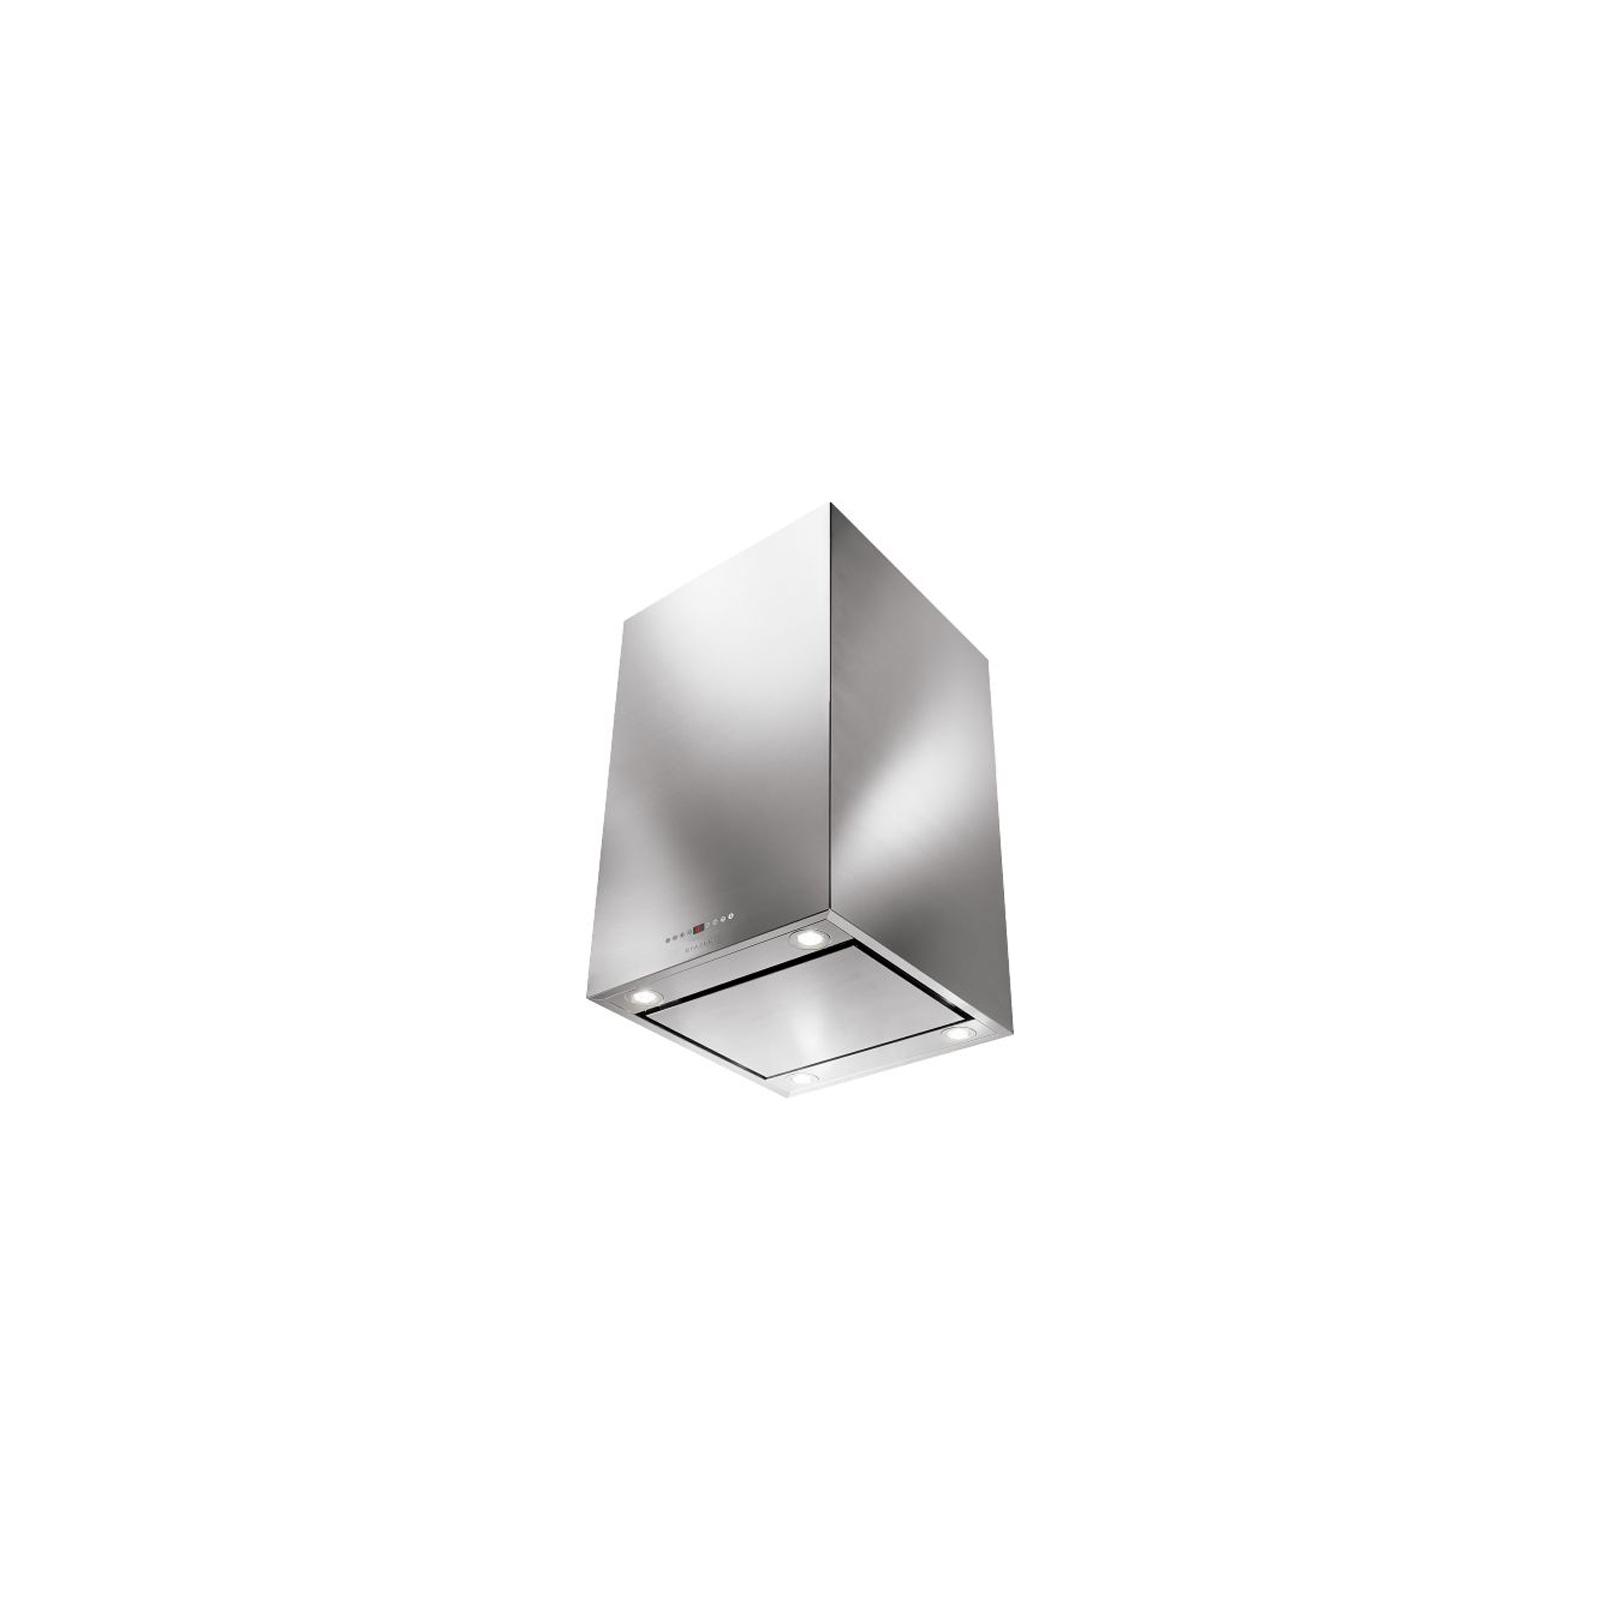 Вытяжка кухонная FABER CUBIA ISOLA EG10 X A60 ACTIVE